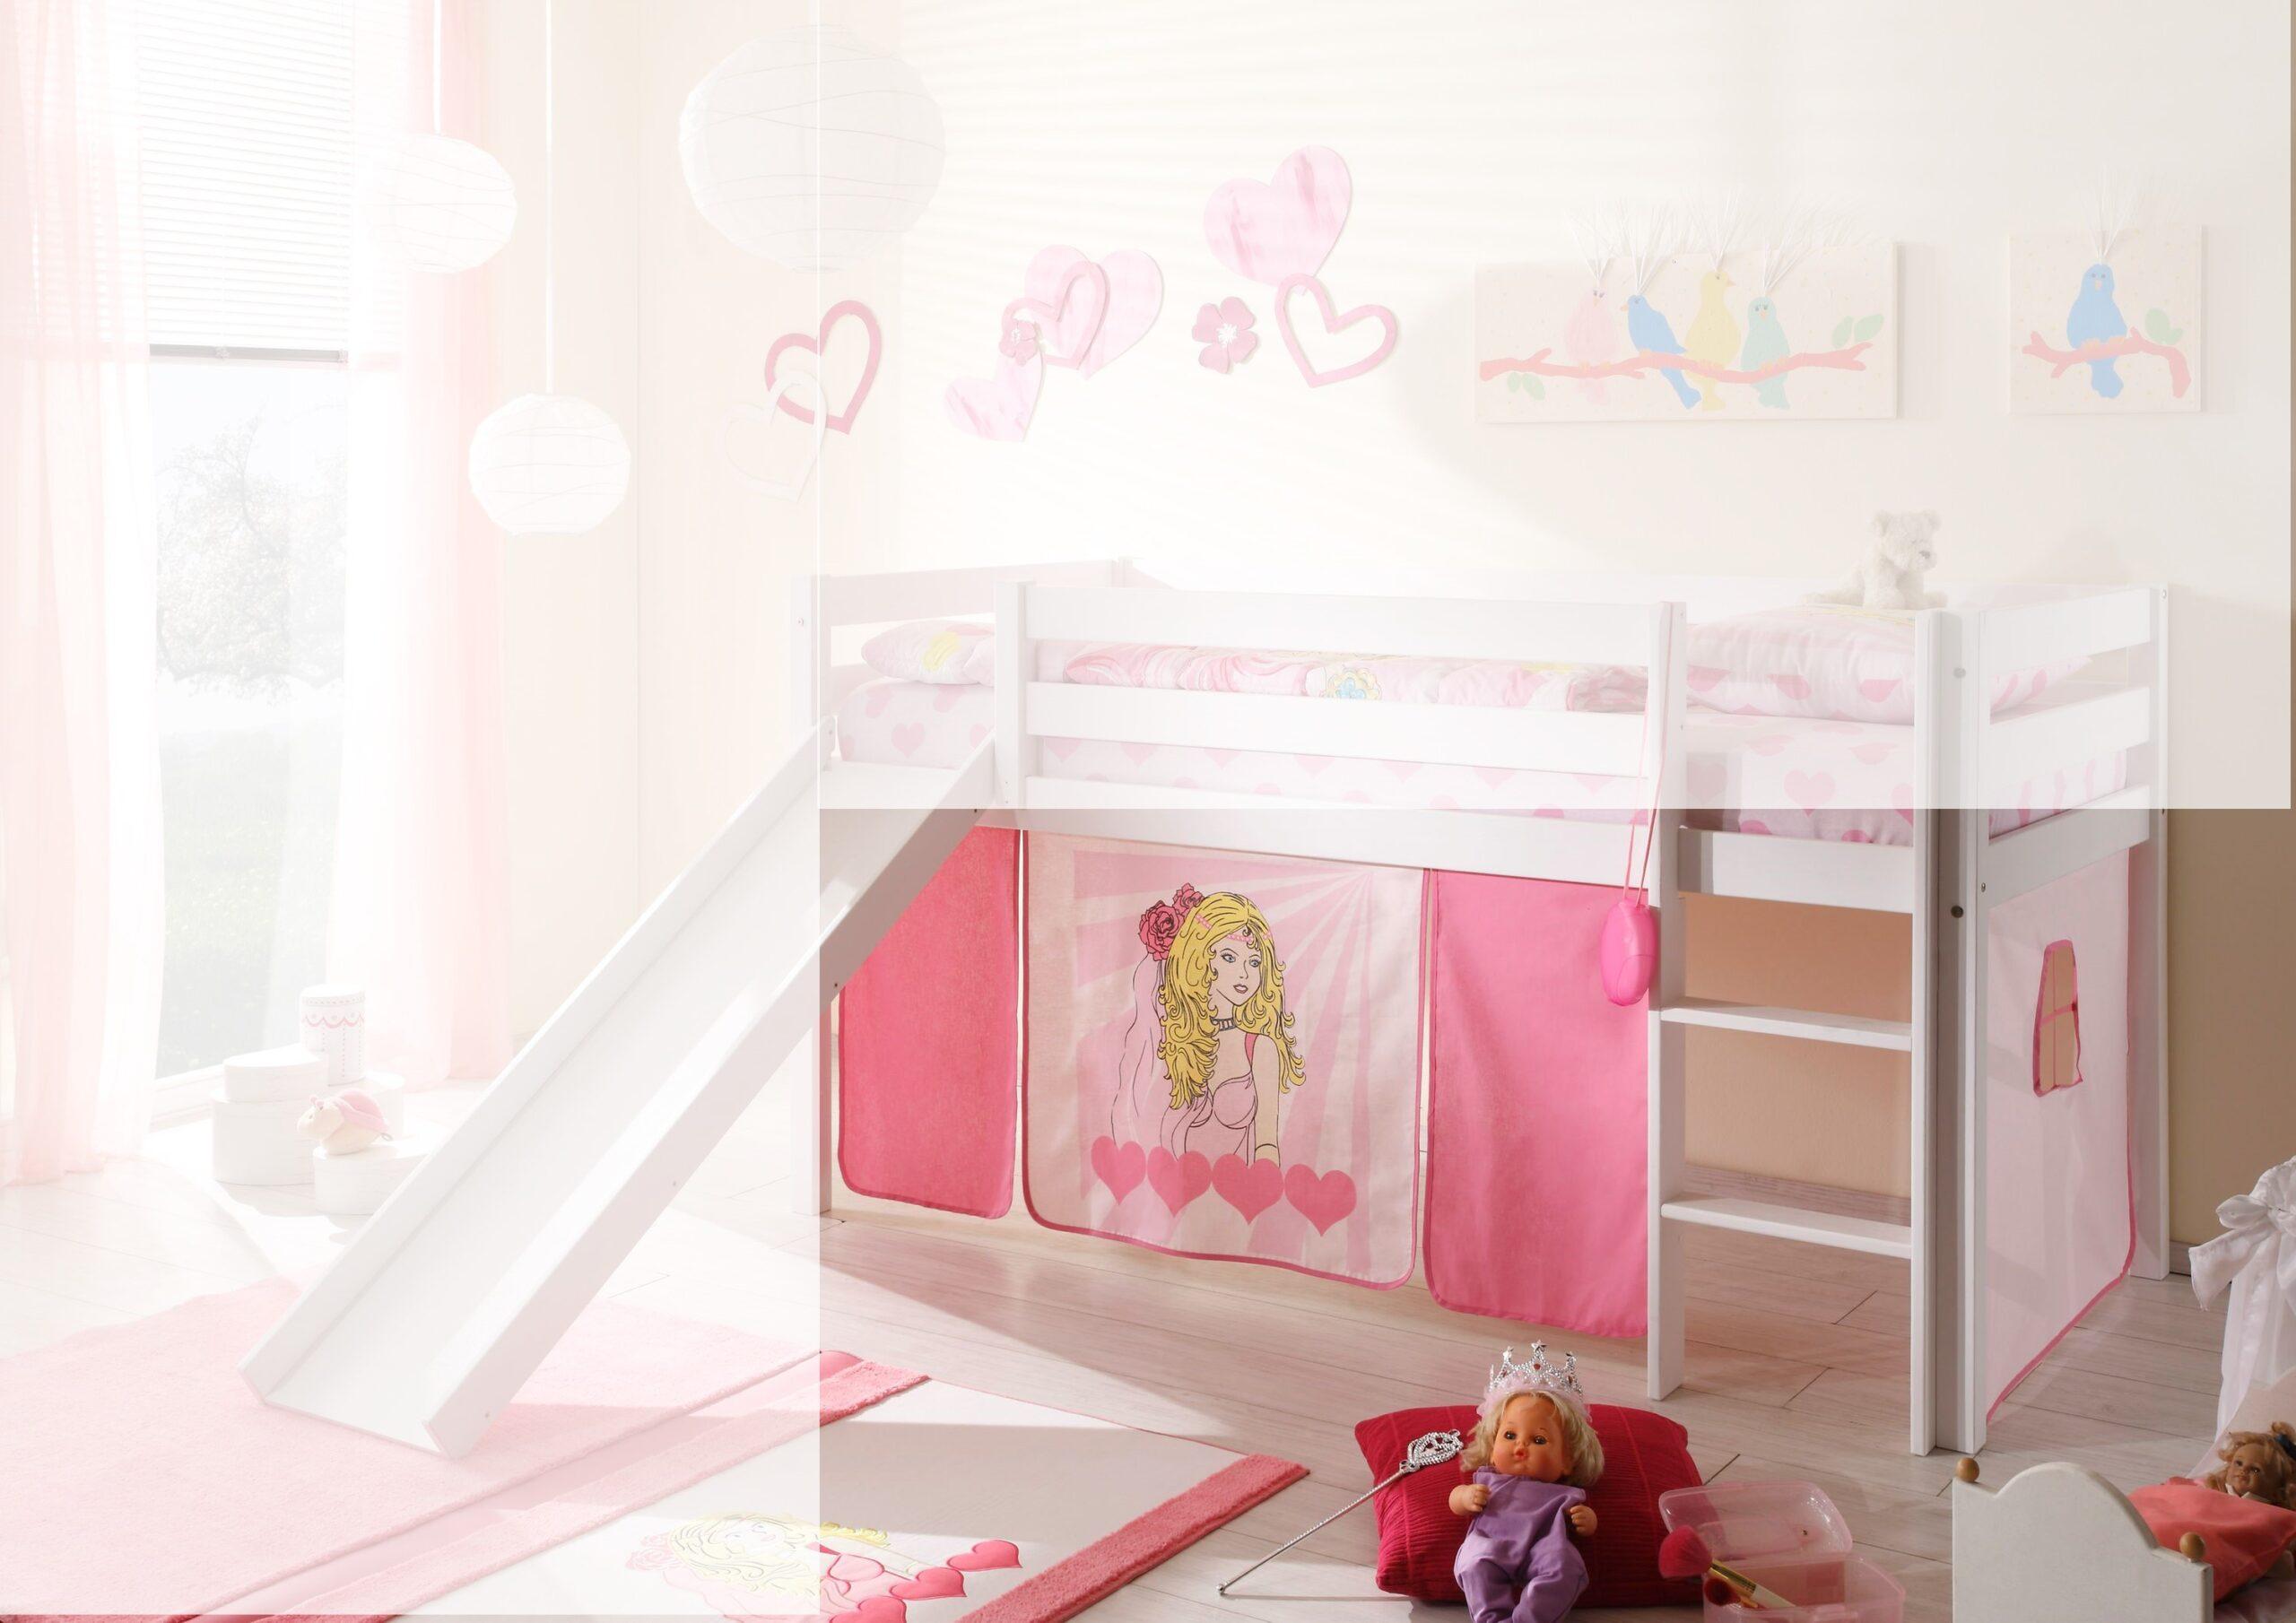 Full Size of Kinderzimmer Vorhang Mdchen Prinzessin 4 Tlg 100 Baumwolle Spiel Hochbett Regal Weiß Regale Küche Sofa Bad Wohnzimmer Kinderzimmer Kinderzimmer Vorhang